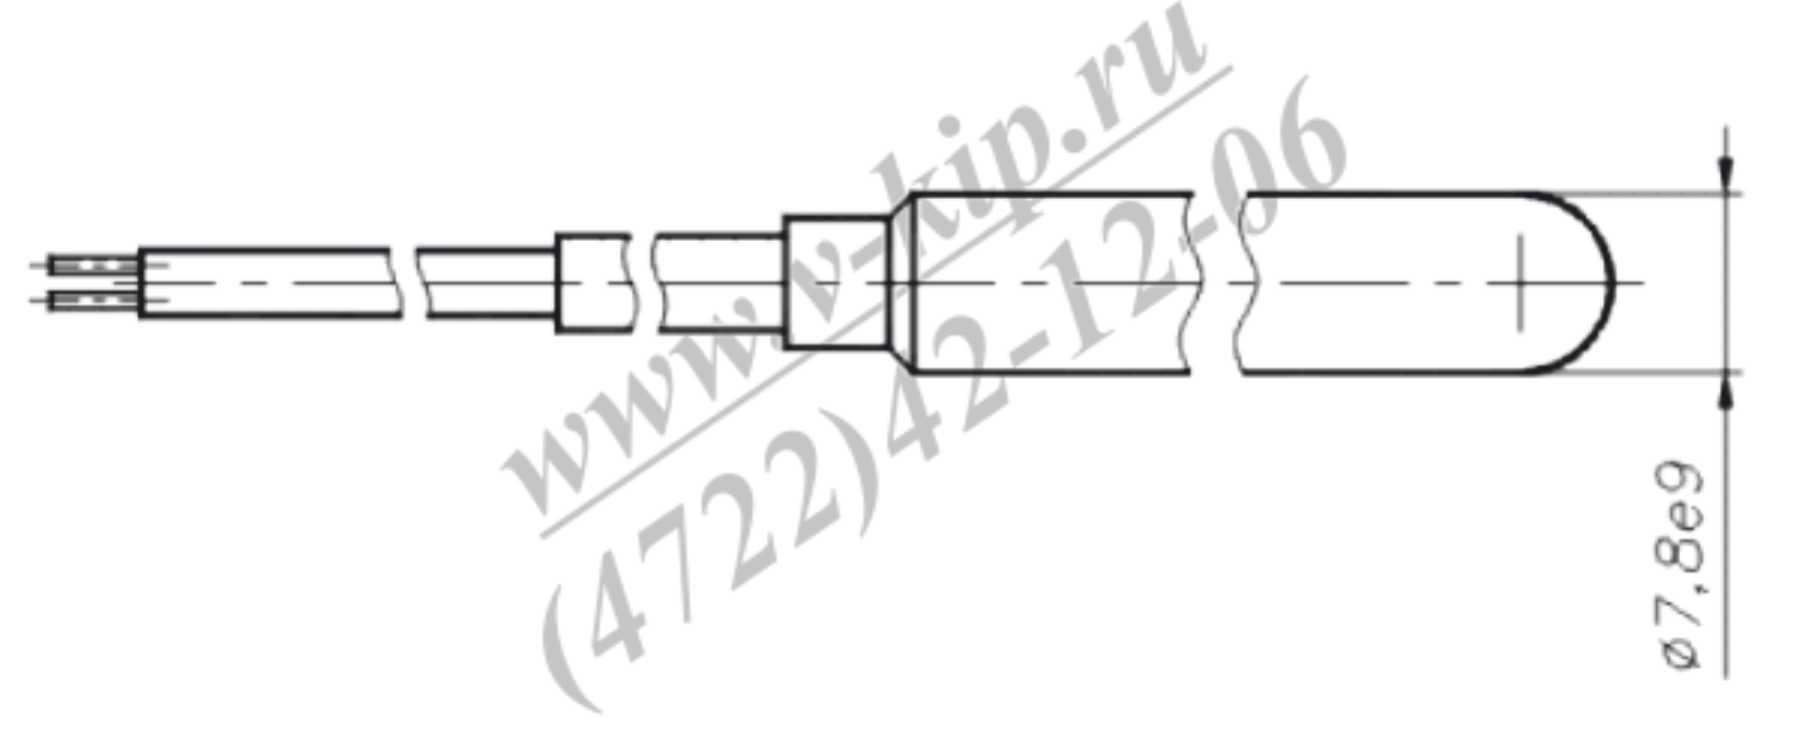 Термопреобразователь ТСП-1790В конструкция